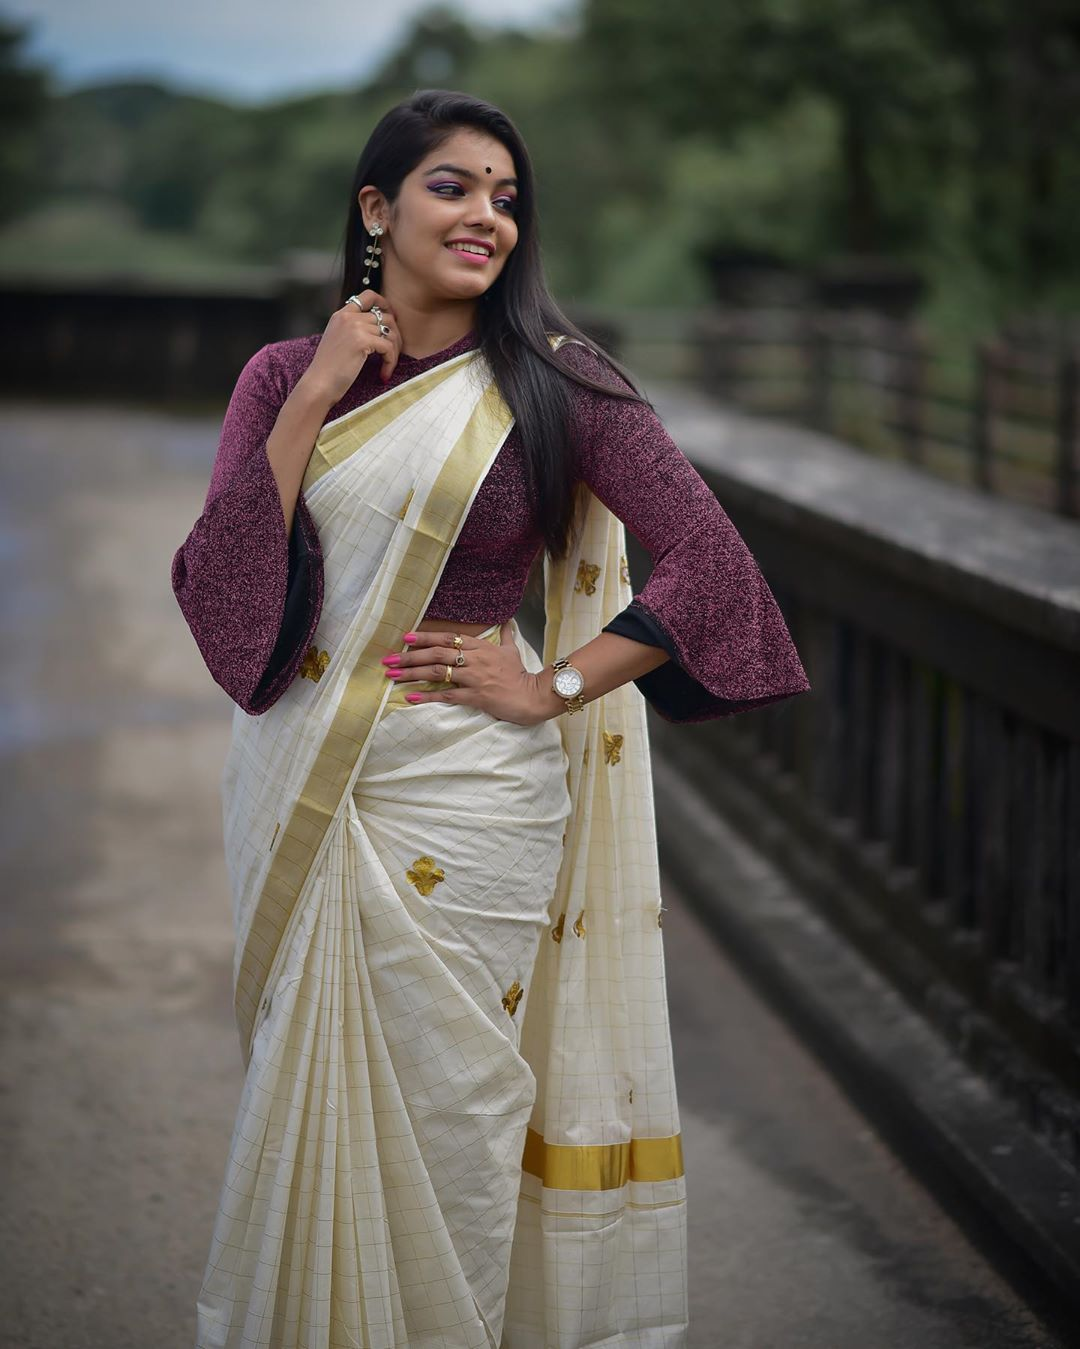 Malayalam Serial Actress Haritha Nair Hot Saree Photos Photos Hd Images Pictures Stills First Look Posters Of Malayalam Serial Actress Haritha Nair Hot Saree Photos Movie Mallurepost Com